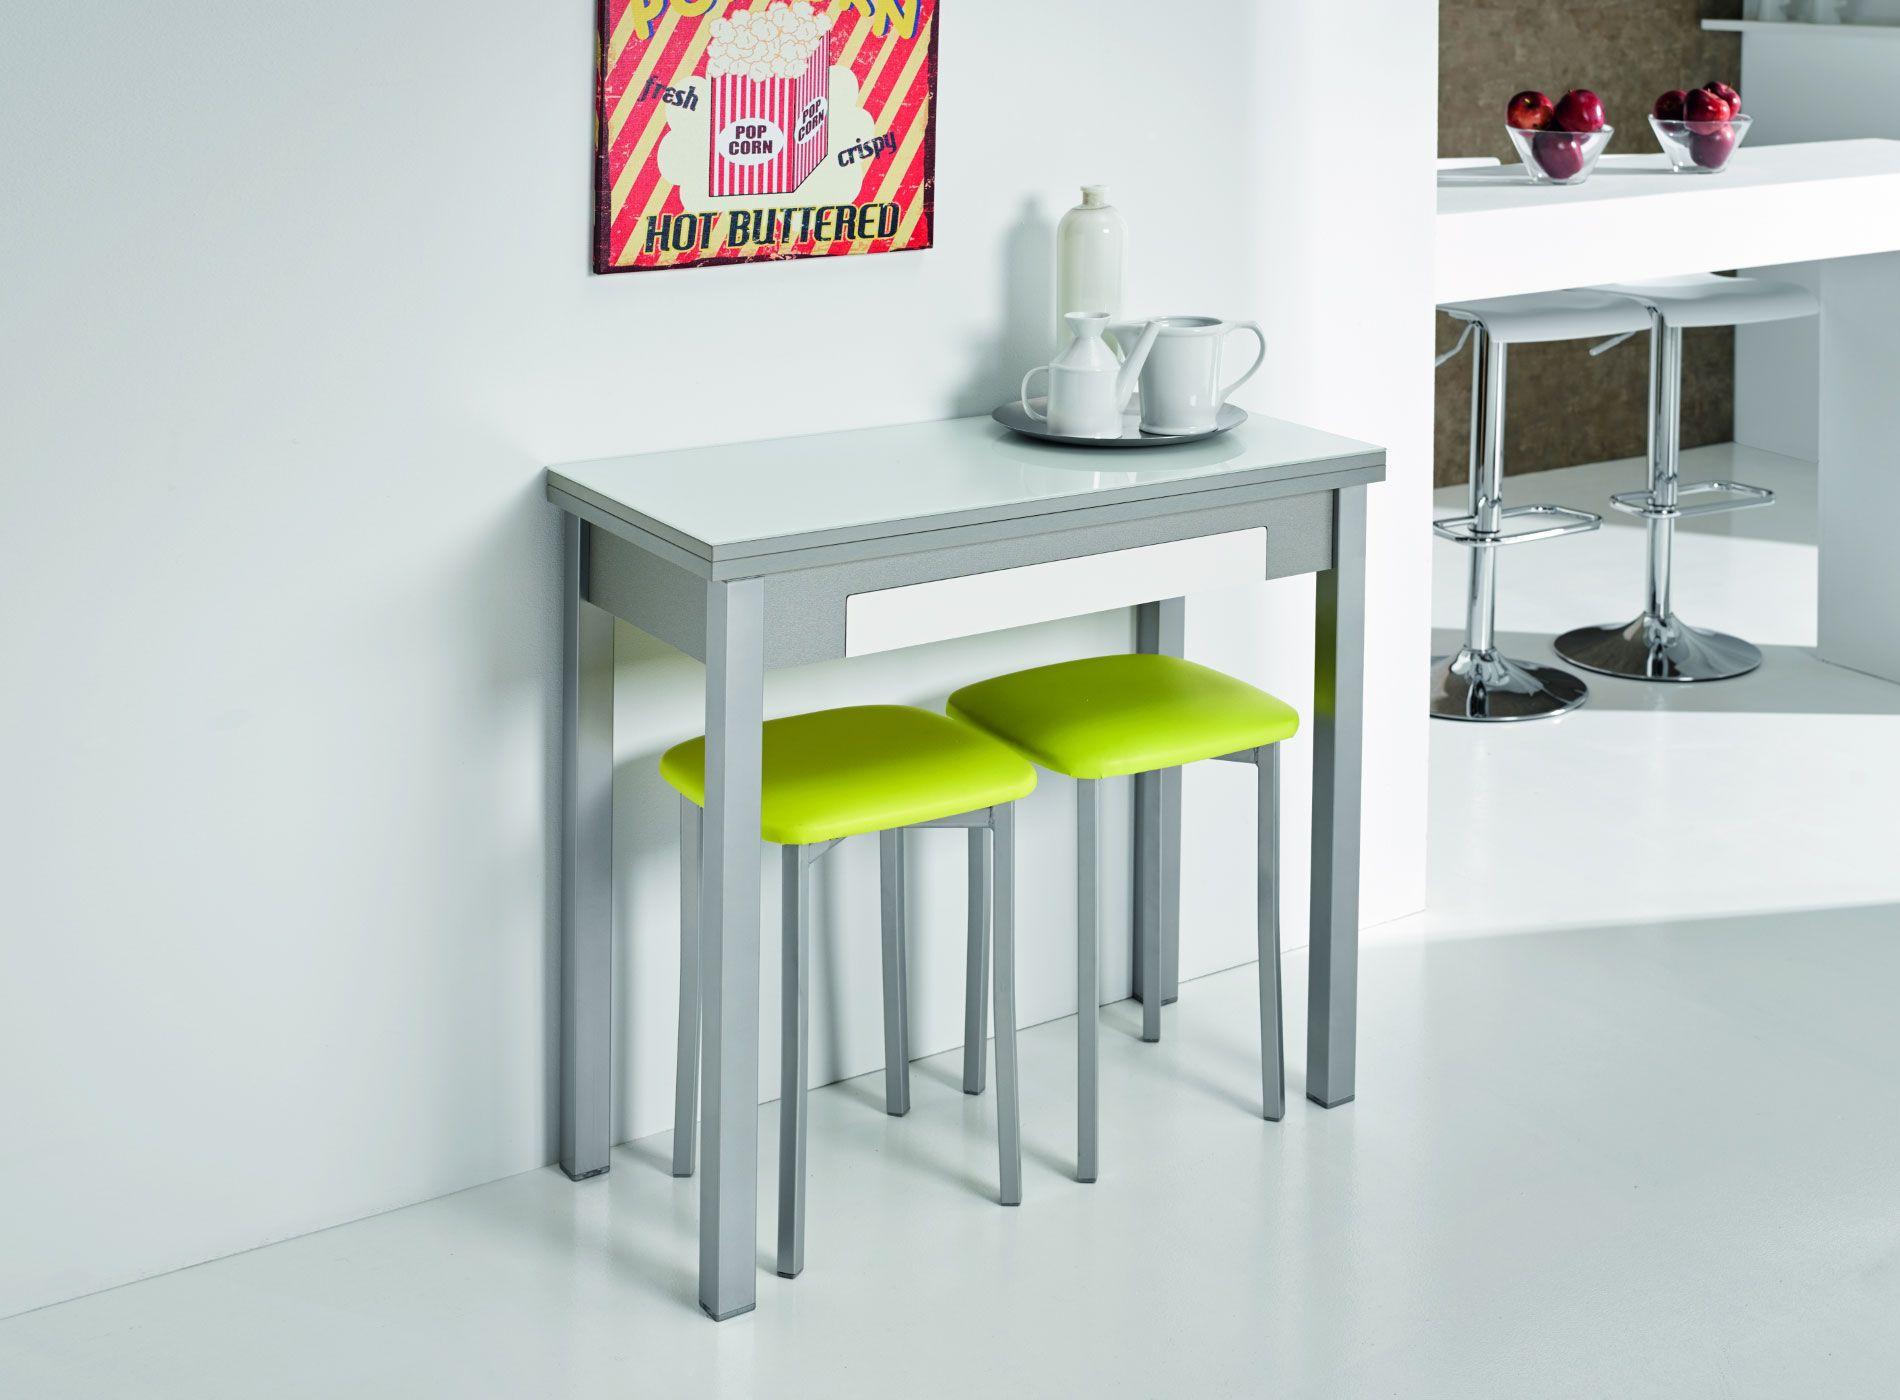 Awesome Mesa De Cocina Plegable Tipo Libro Photos - Casa & Diseño ...